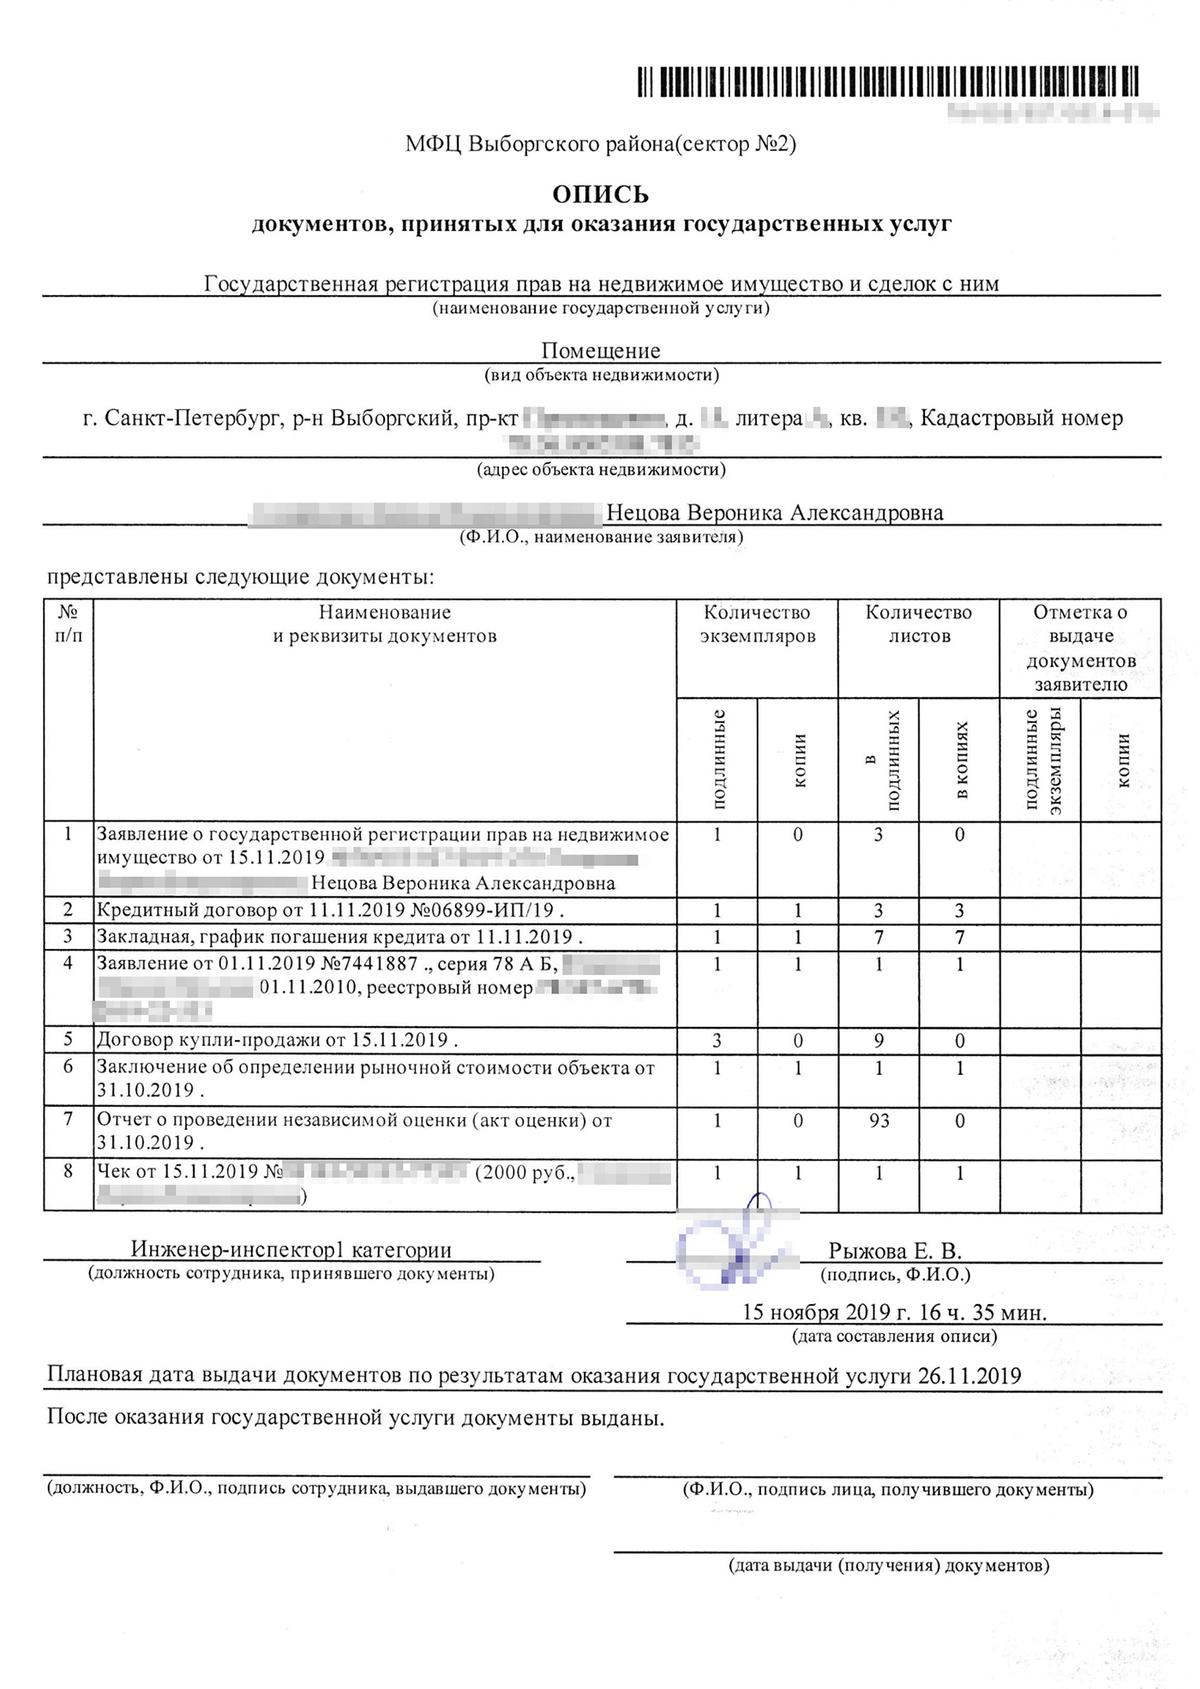 Если подаете документы через МФЦ, вам выдадут опись принятых документов. После перехода права собственности к покупателю с ней нужно прийти в МФЦ и забрать свой экземпляр договора купли-продажи